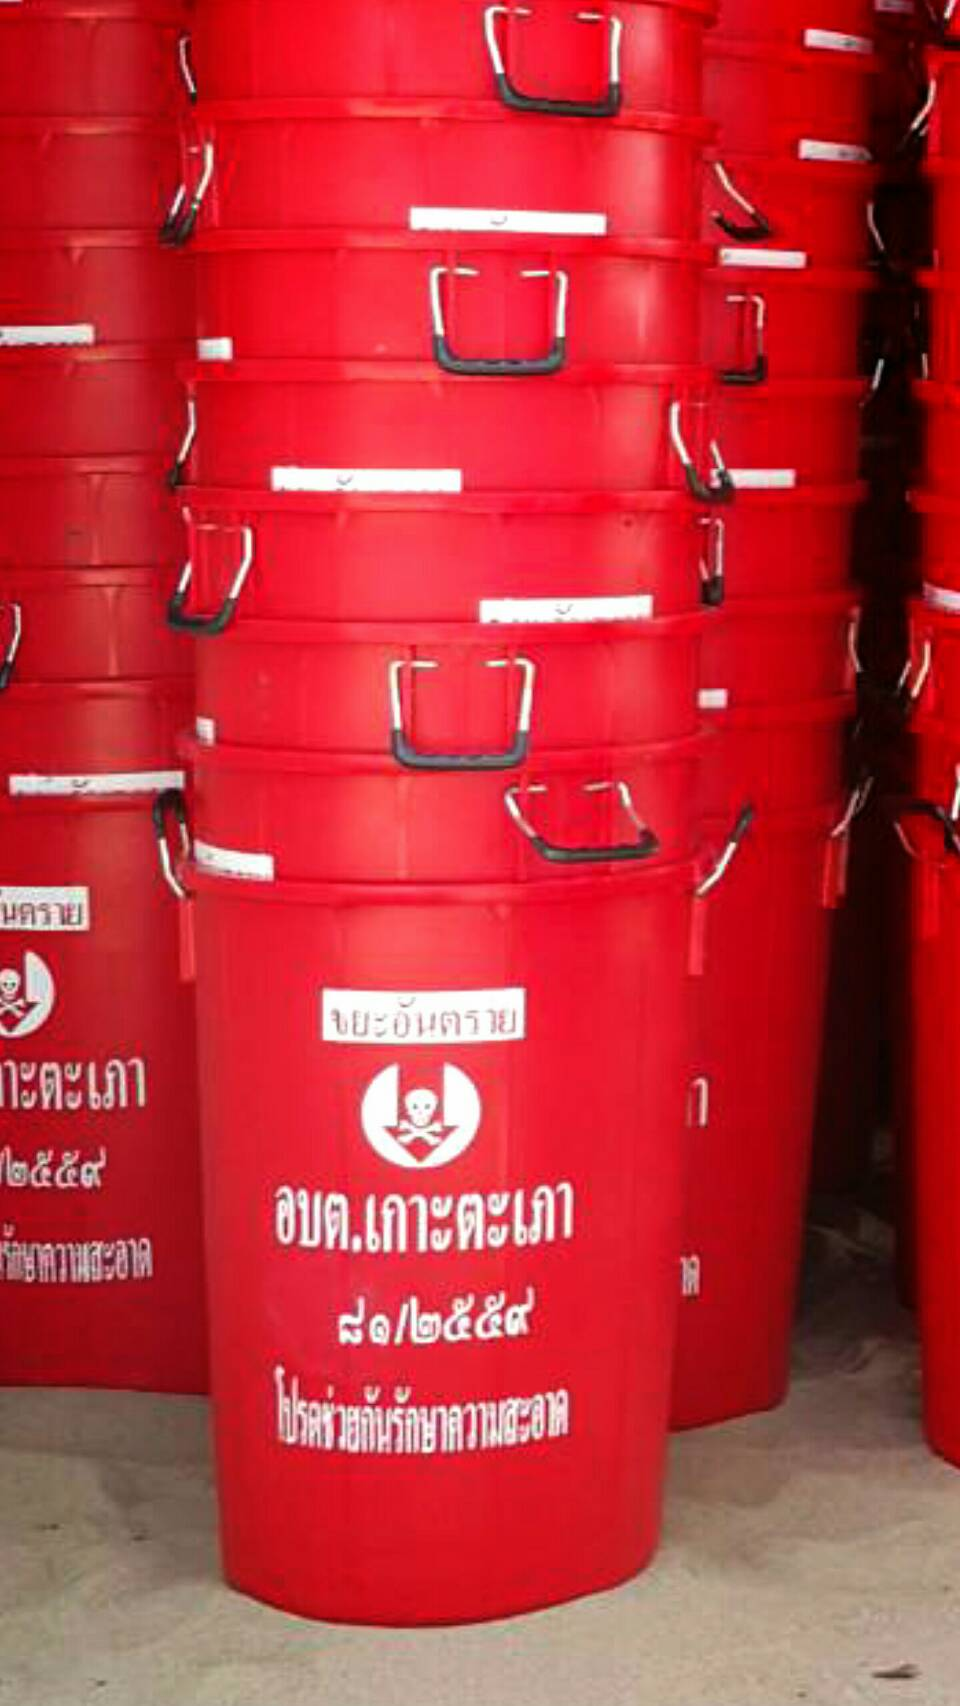 ถังขยะพลาสติก100ลิตร